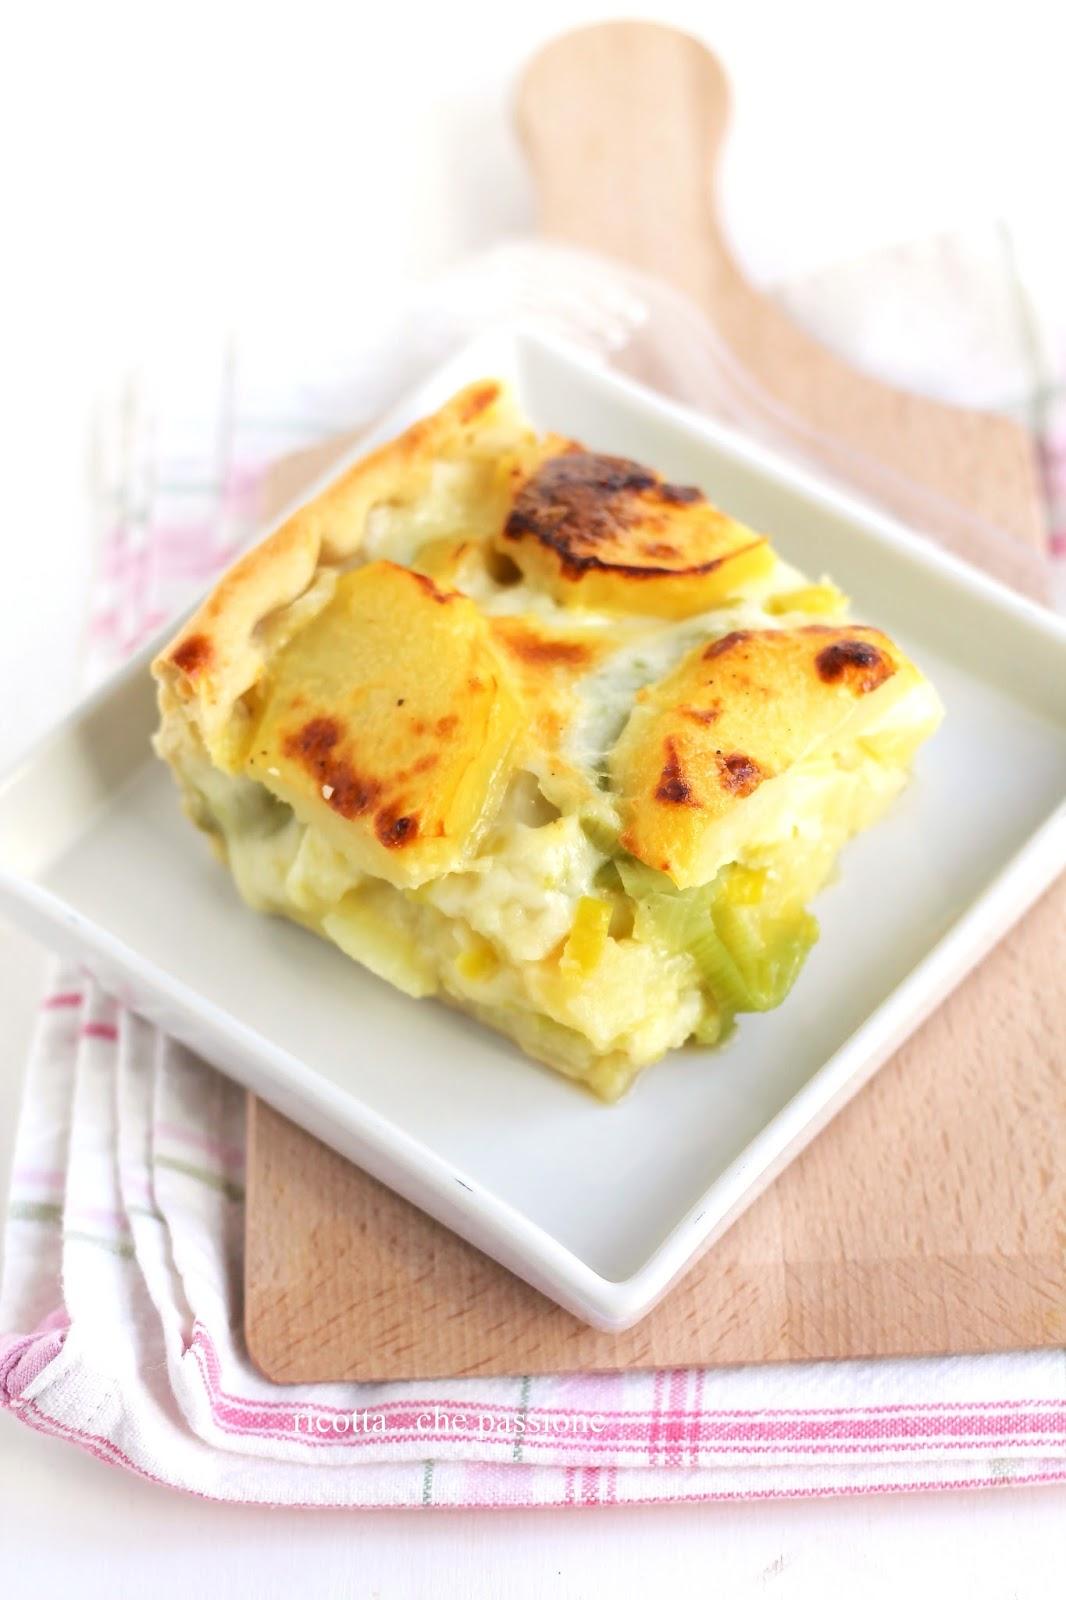 torta salata con patate, porri e scamorza